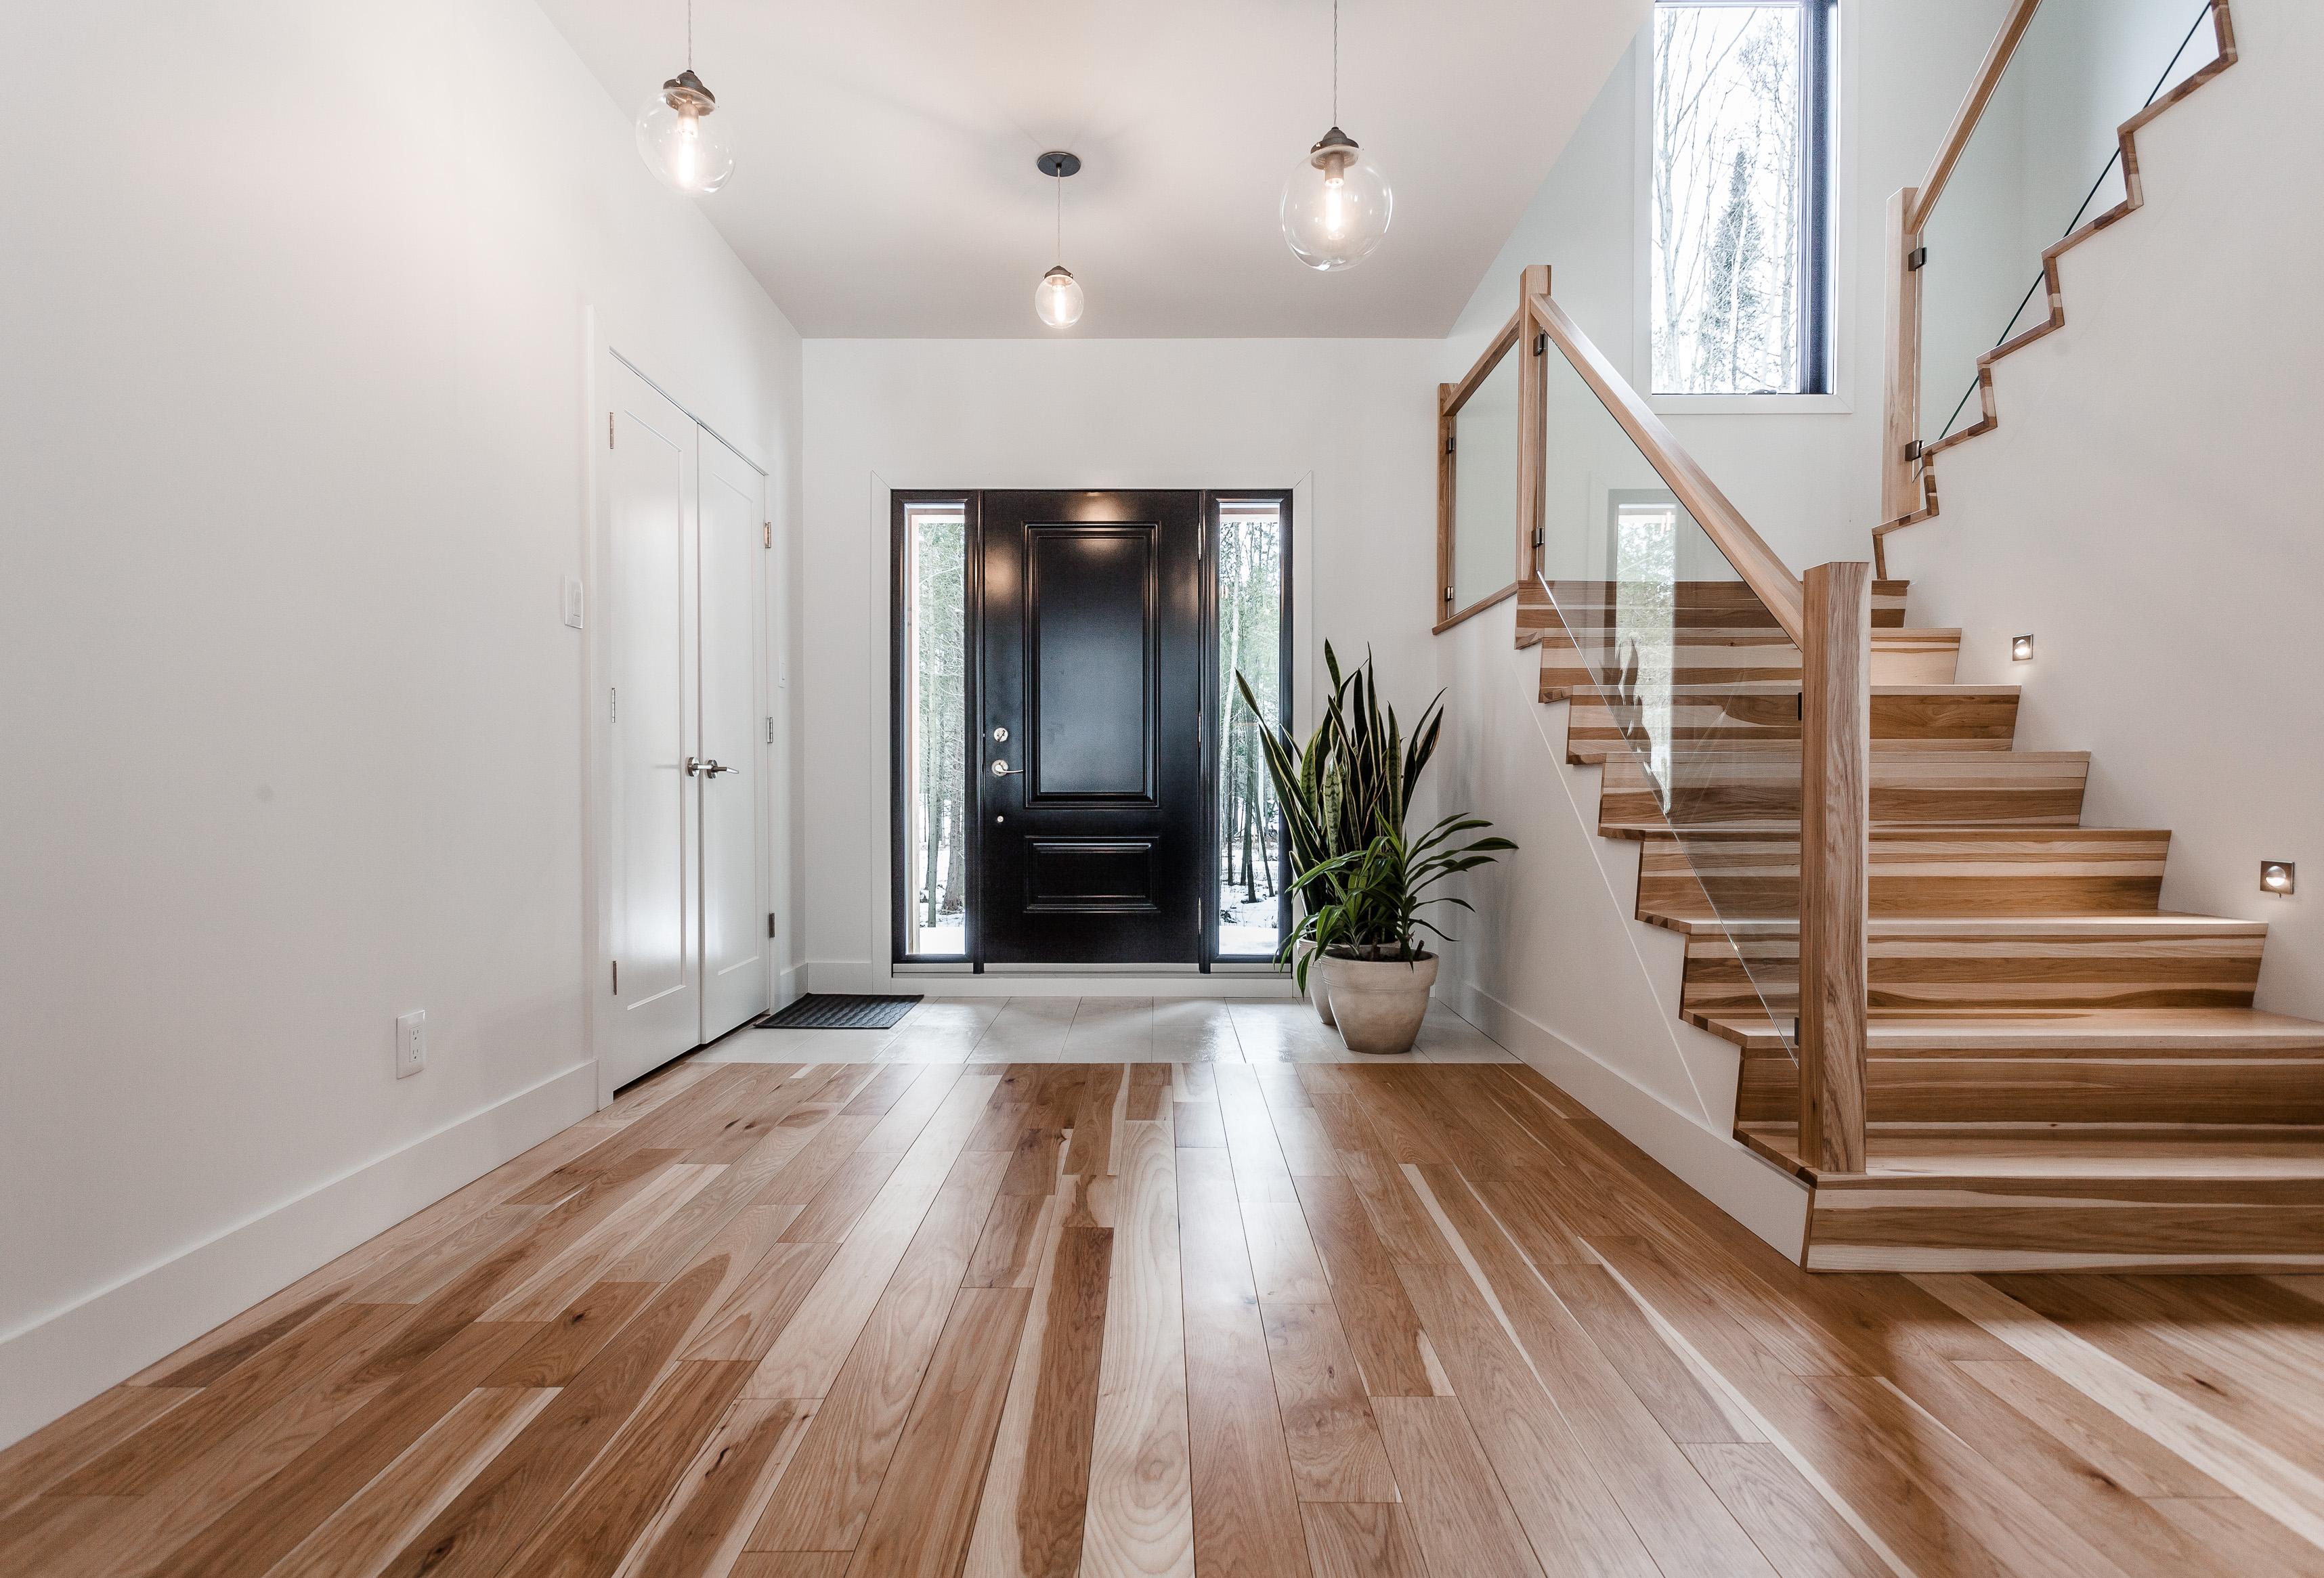 escalier hickory naturel et panneaux de verre planchers. Black Bedroom Furniture Sets. Home Design Ideas